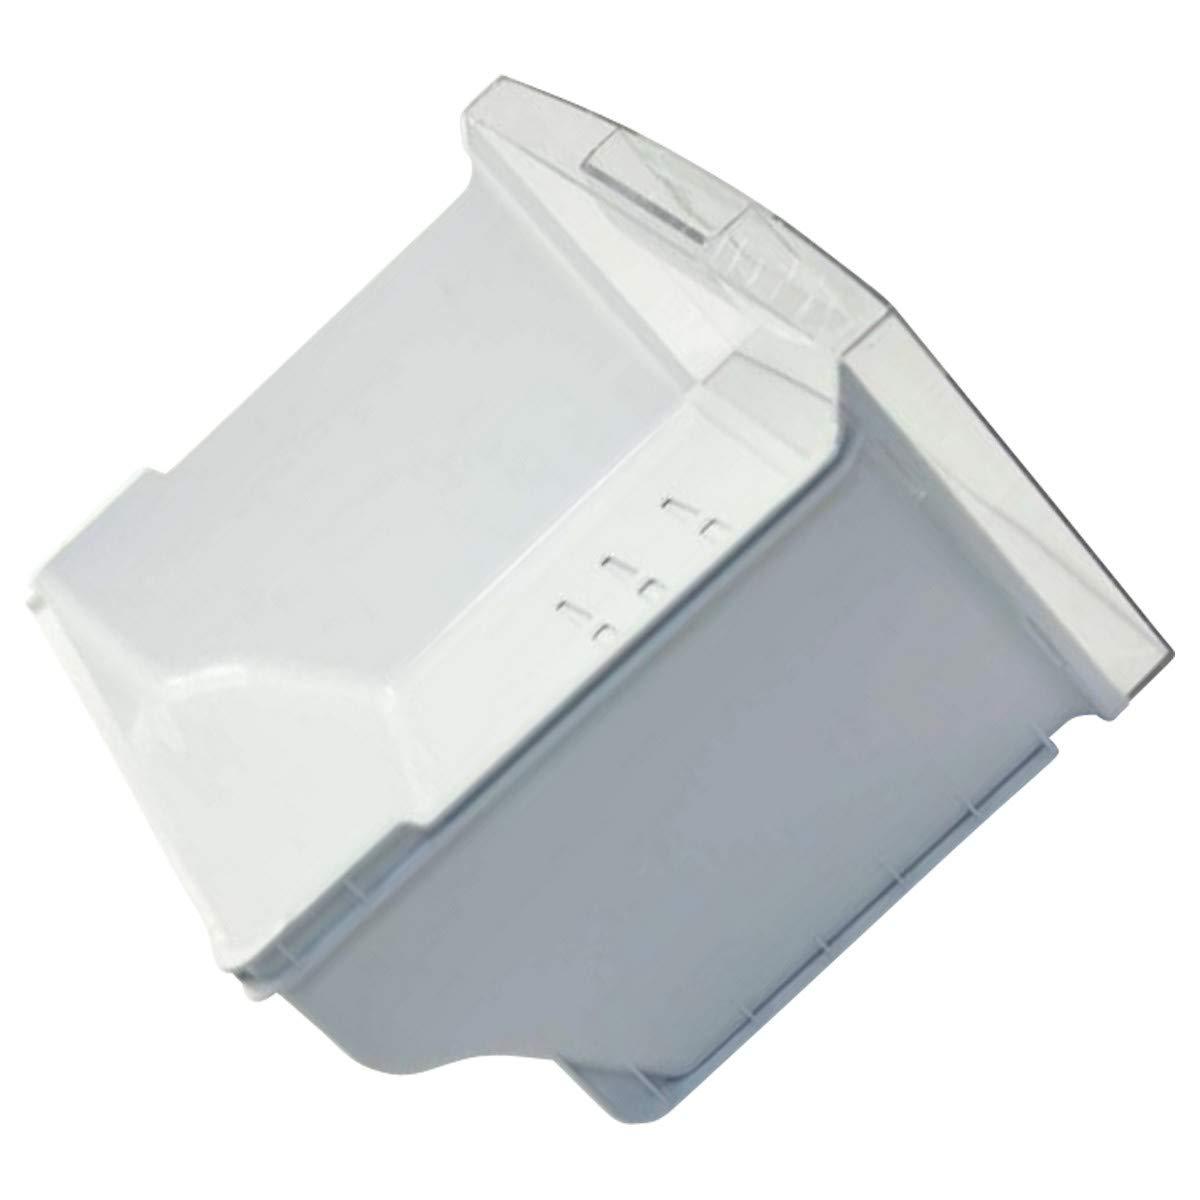 Bandeja congelador [136C] – Frigorífico y congelador – LG: Amazon ...